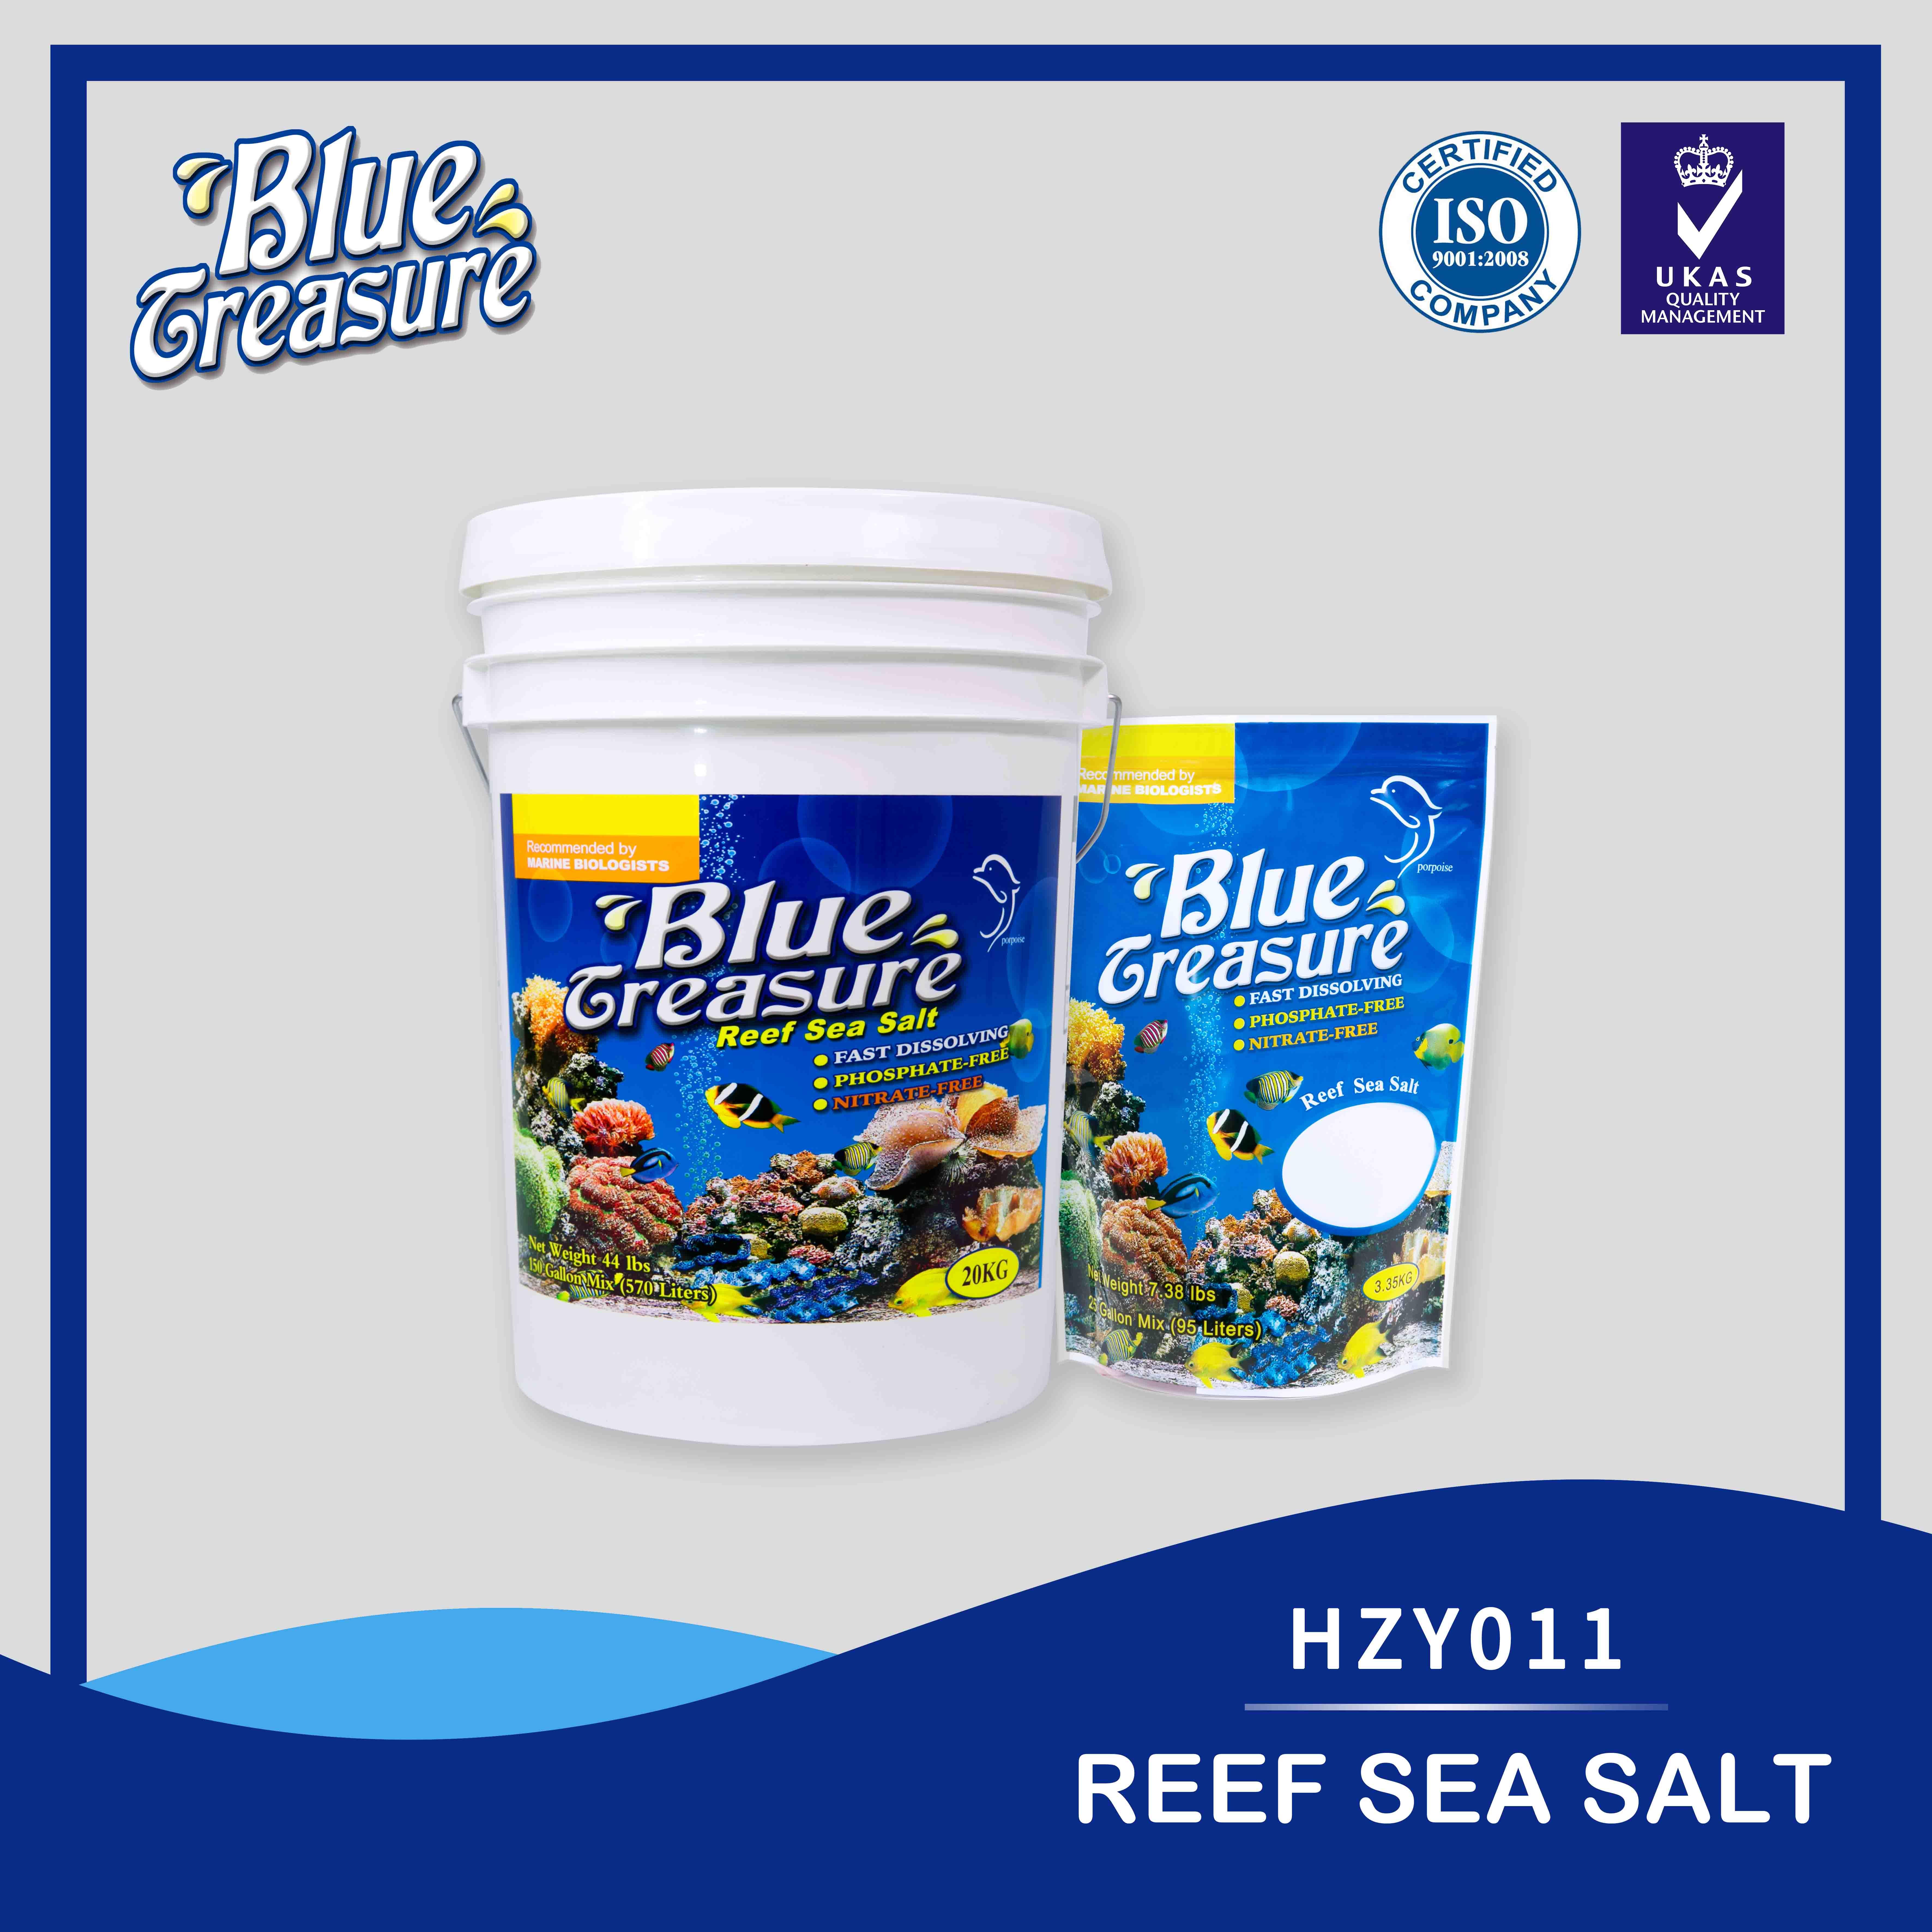 Reef Sea Salt 6*3 35kg/bucket HZY011 , Manufacturer & supplier